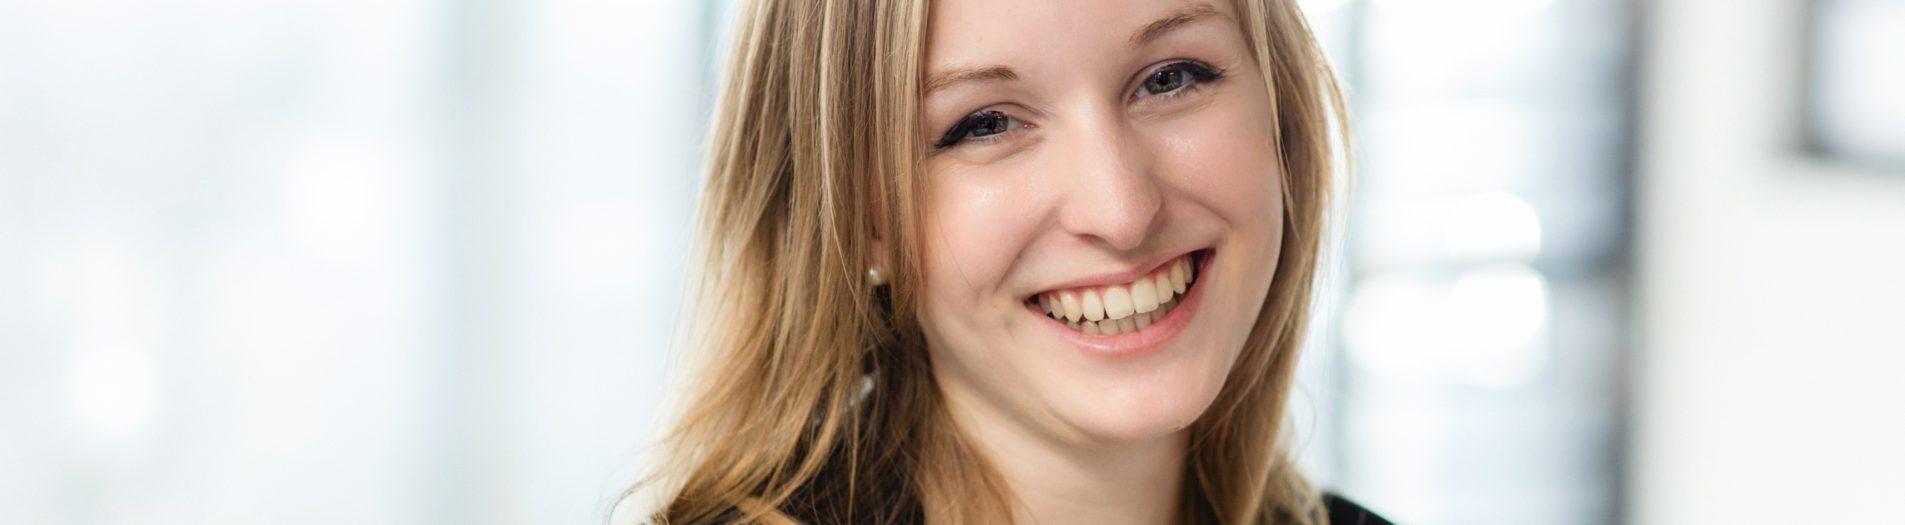 Bewerbungsfotosgrafie und Businessportraits